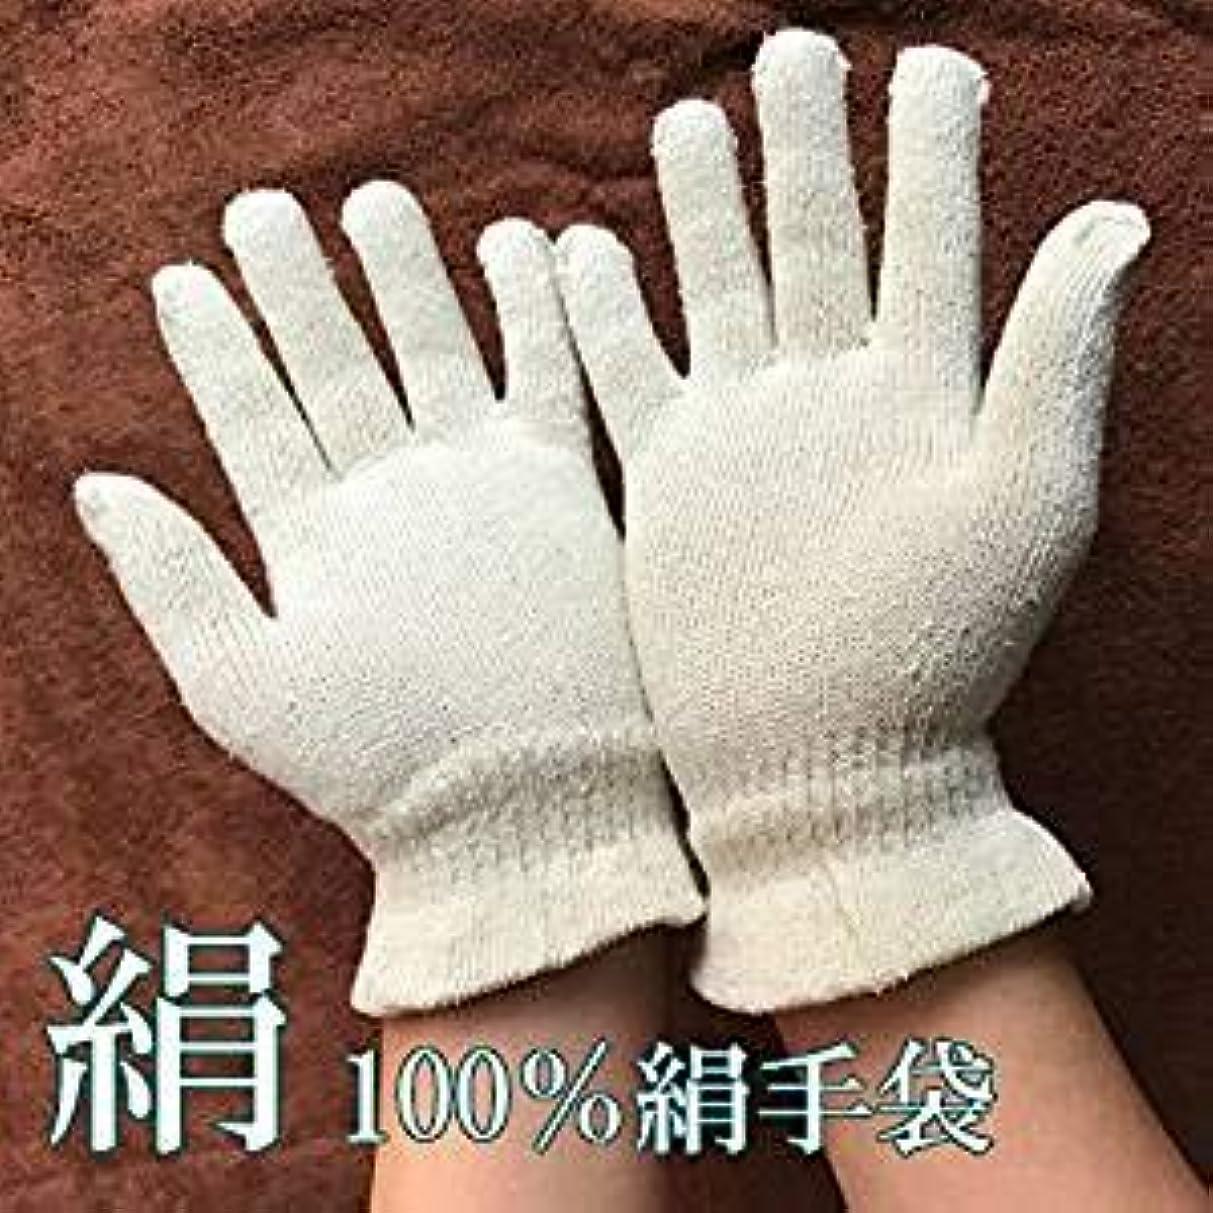 カポック投獄交換可能絹手袋2枚セット【ガルシャナ アーユルヴェーダ】カパ体質 おやすみ手袋 丈夫 手荒れケア 絹手袋 シルク手袋